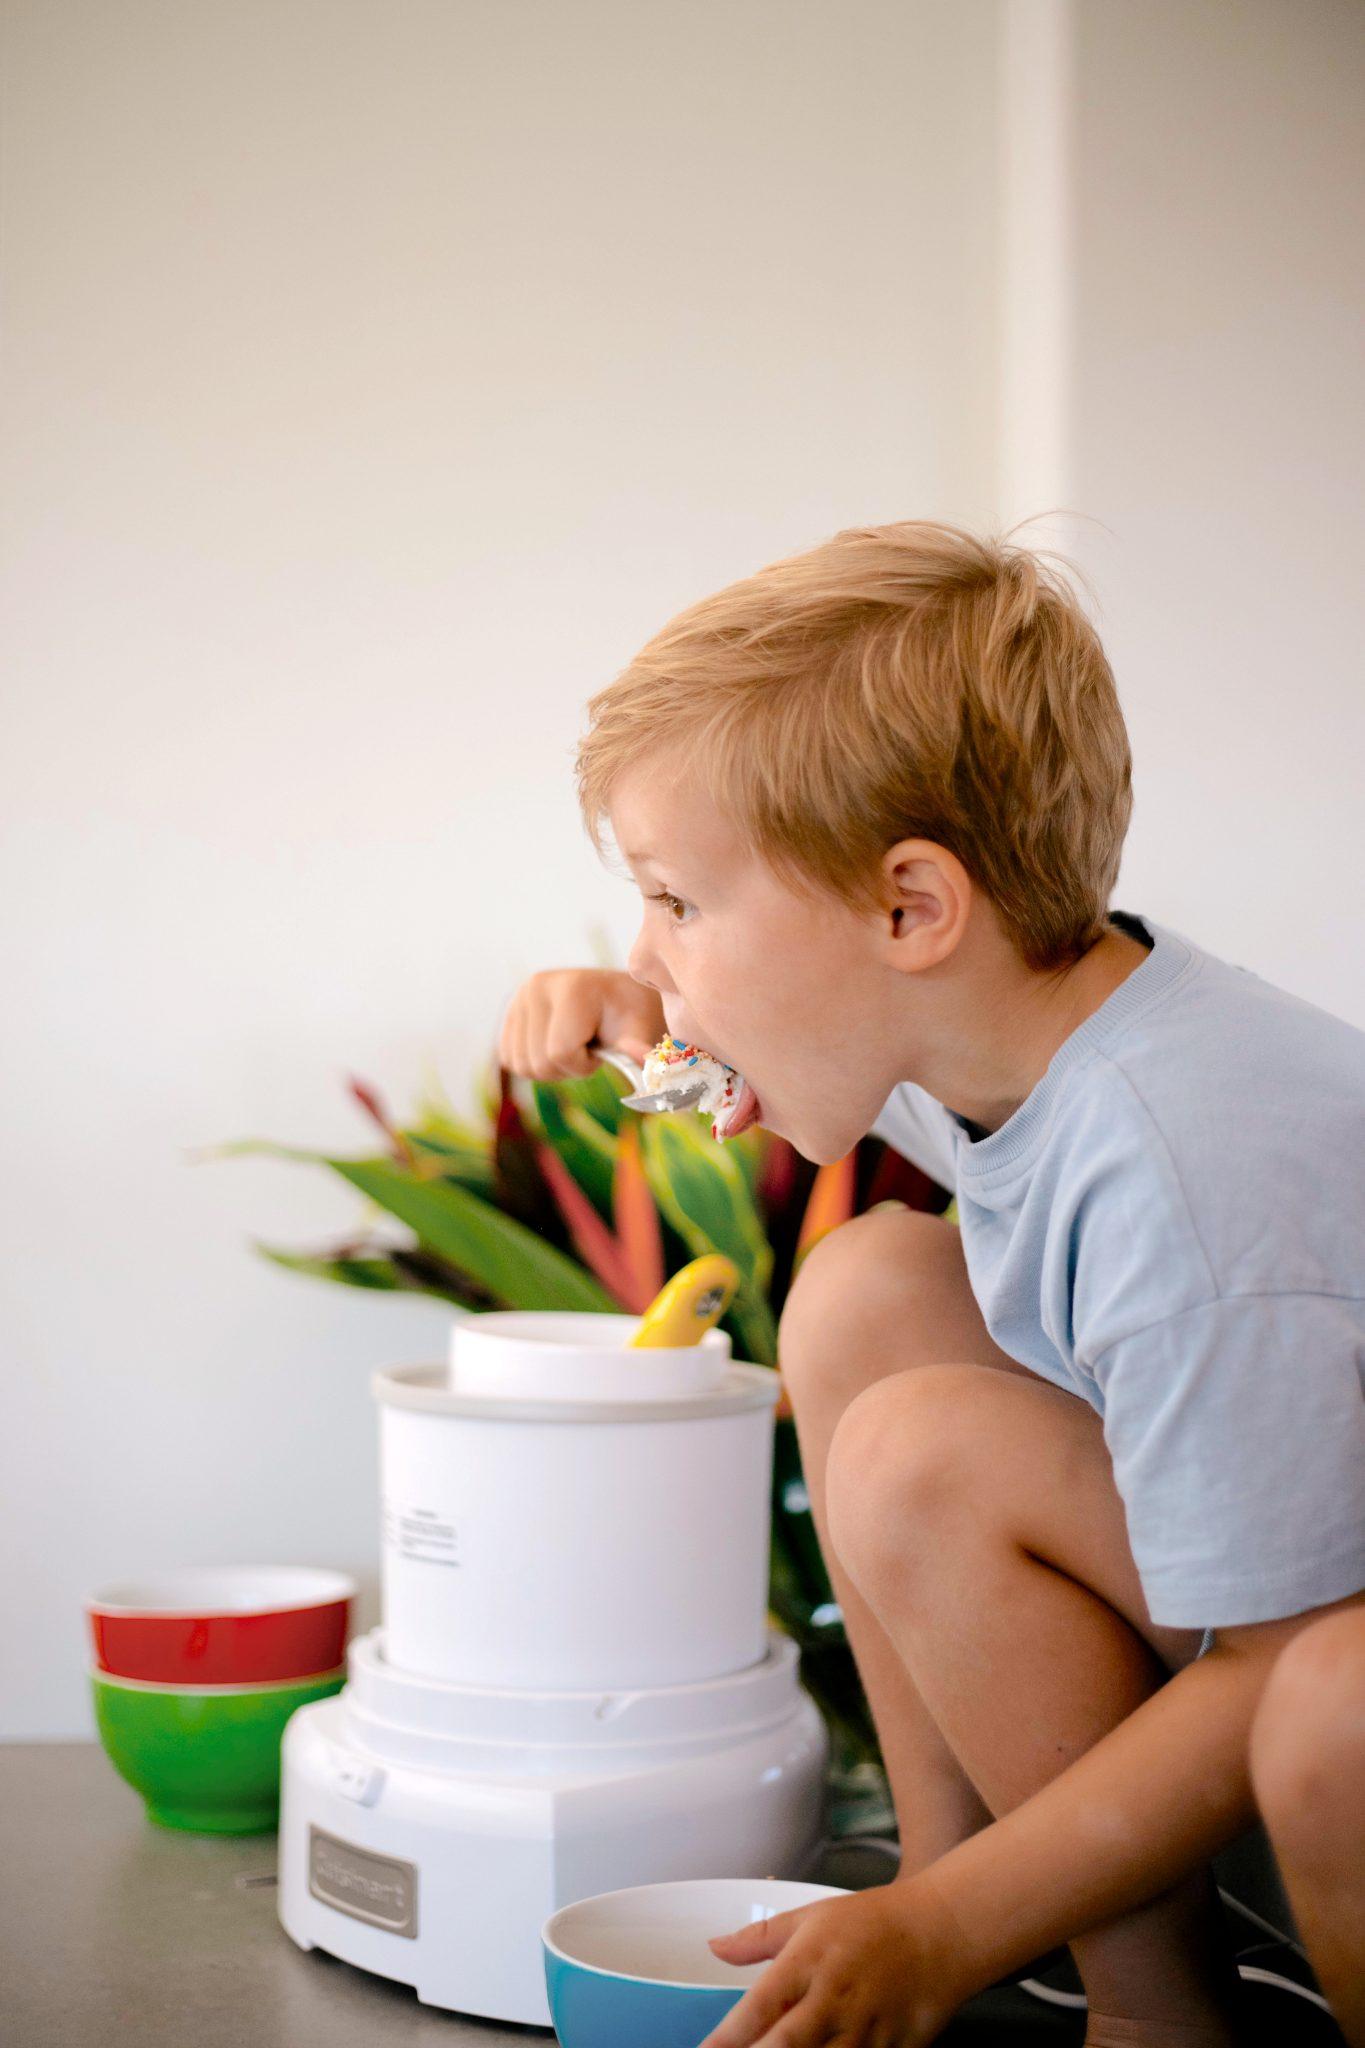 boy eating ice cream from Summer Kitchen Essentials